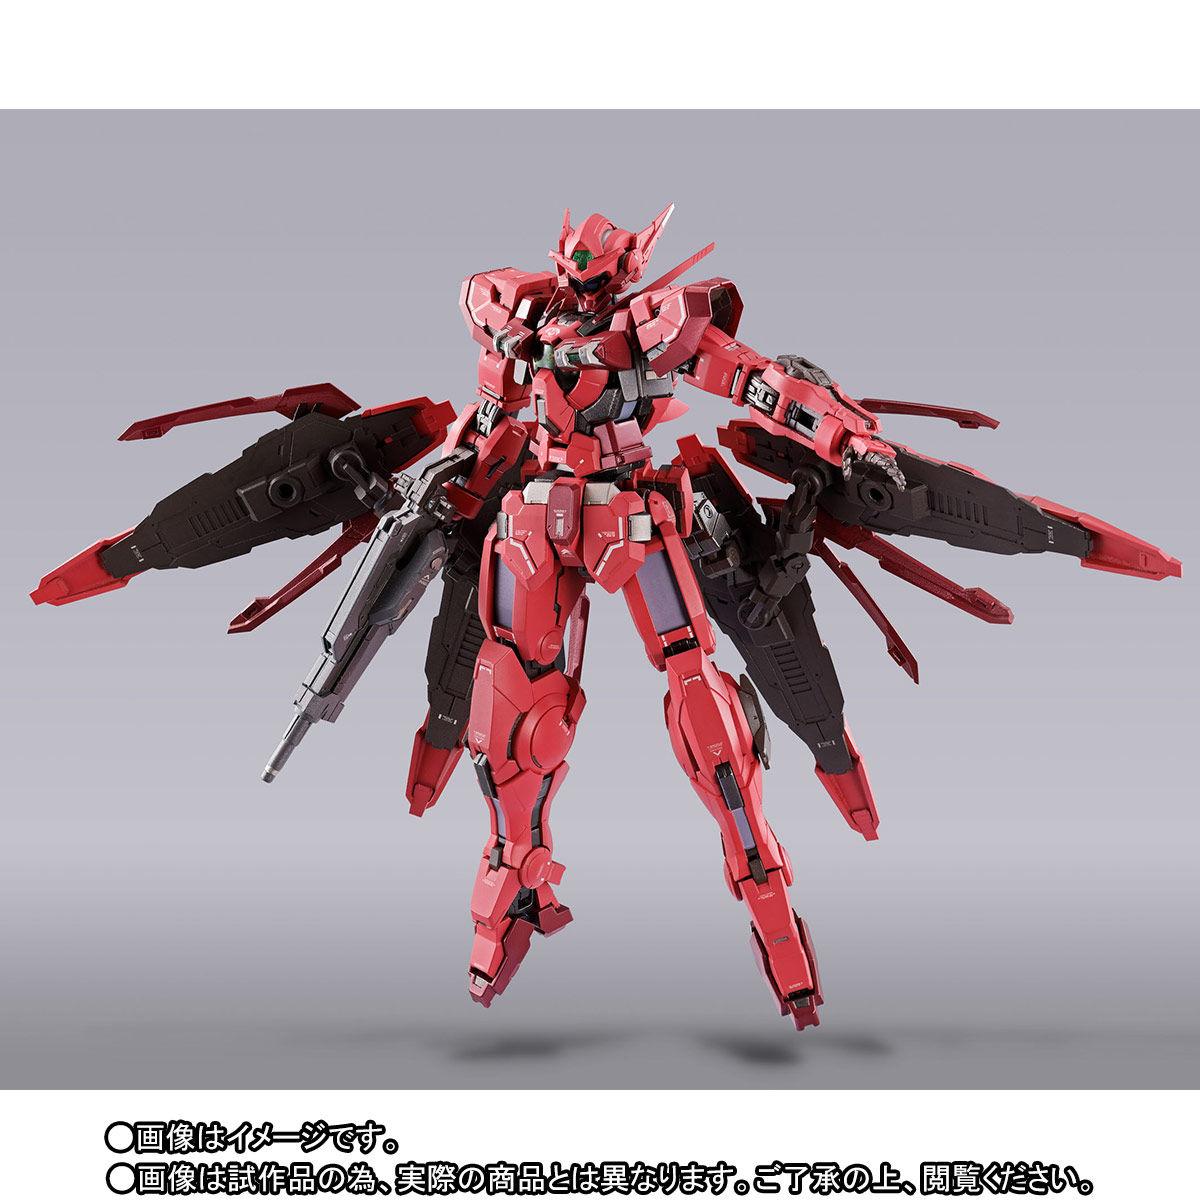 【先着販売】METAL BUILD『ガンダムアストレア TYPE-F(GN HEAVY WEAPON SET)』可動フィギュア-009